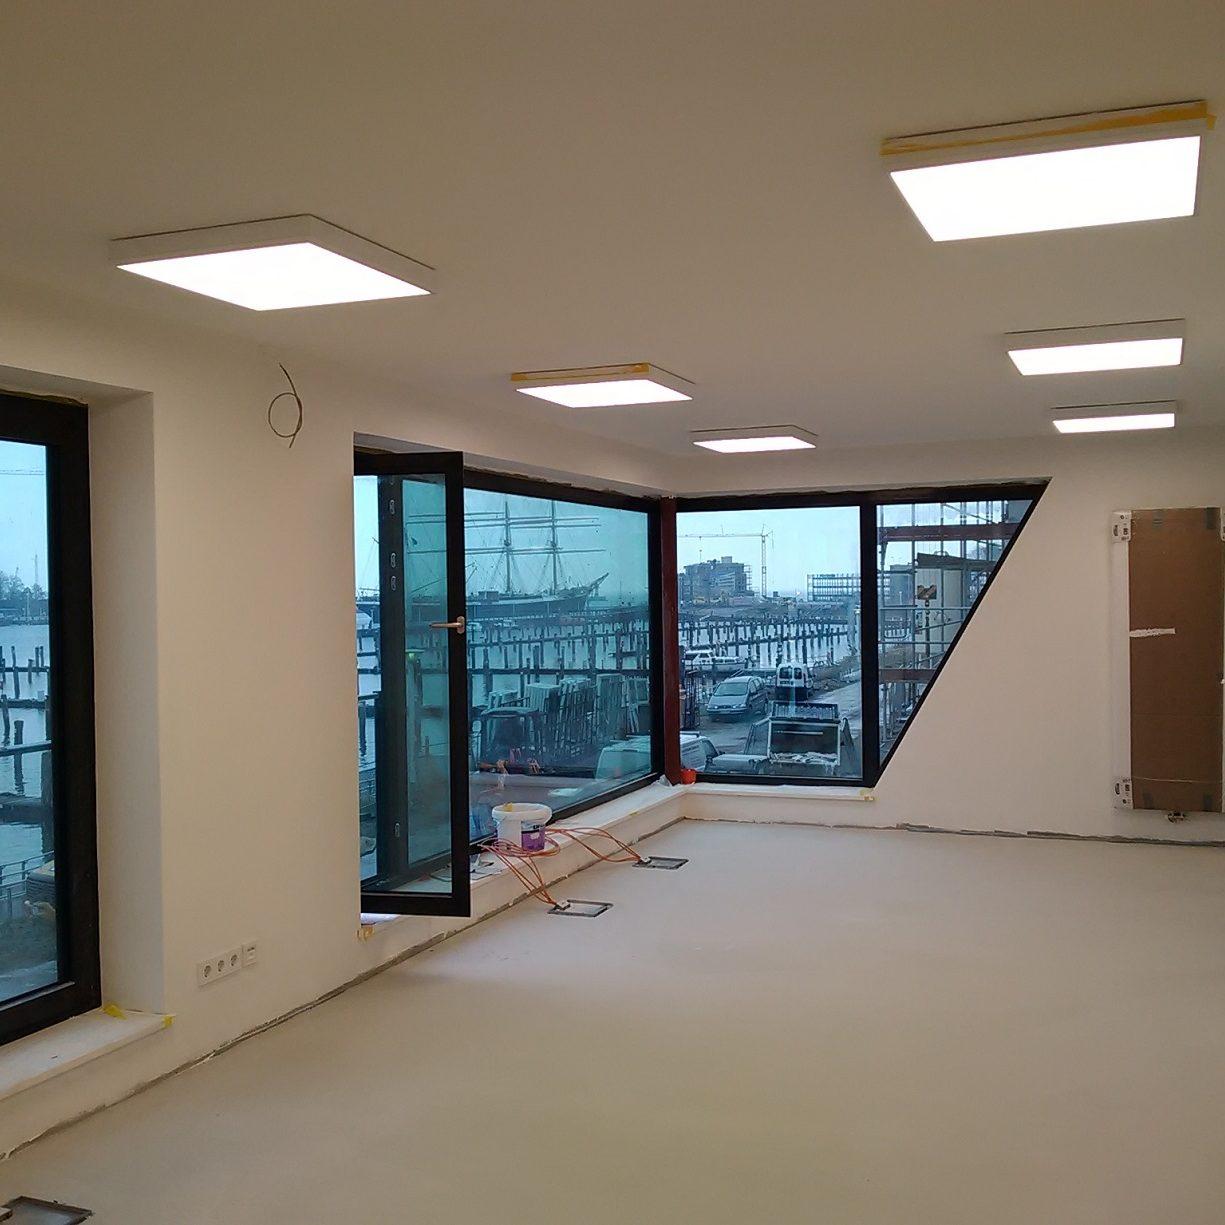 hafenmeisterhaus l beck travem nde gpk architekten in. Black Bedroom Furniture Sets. Home Design Ideas